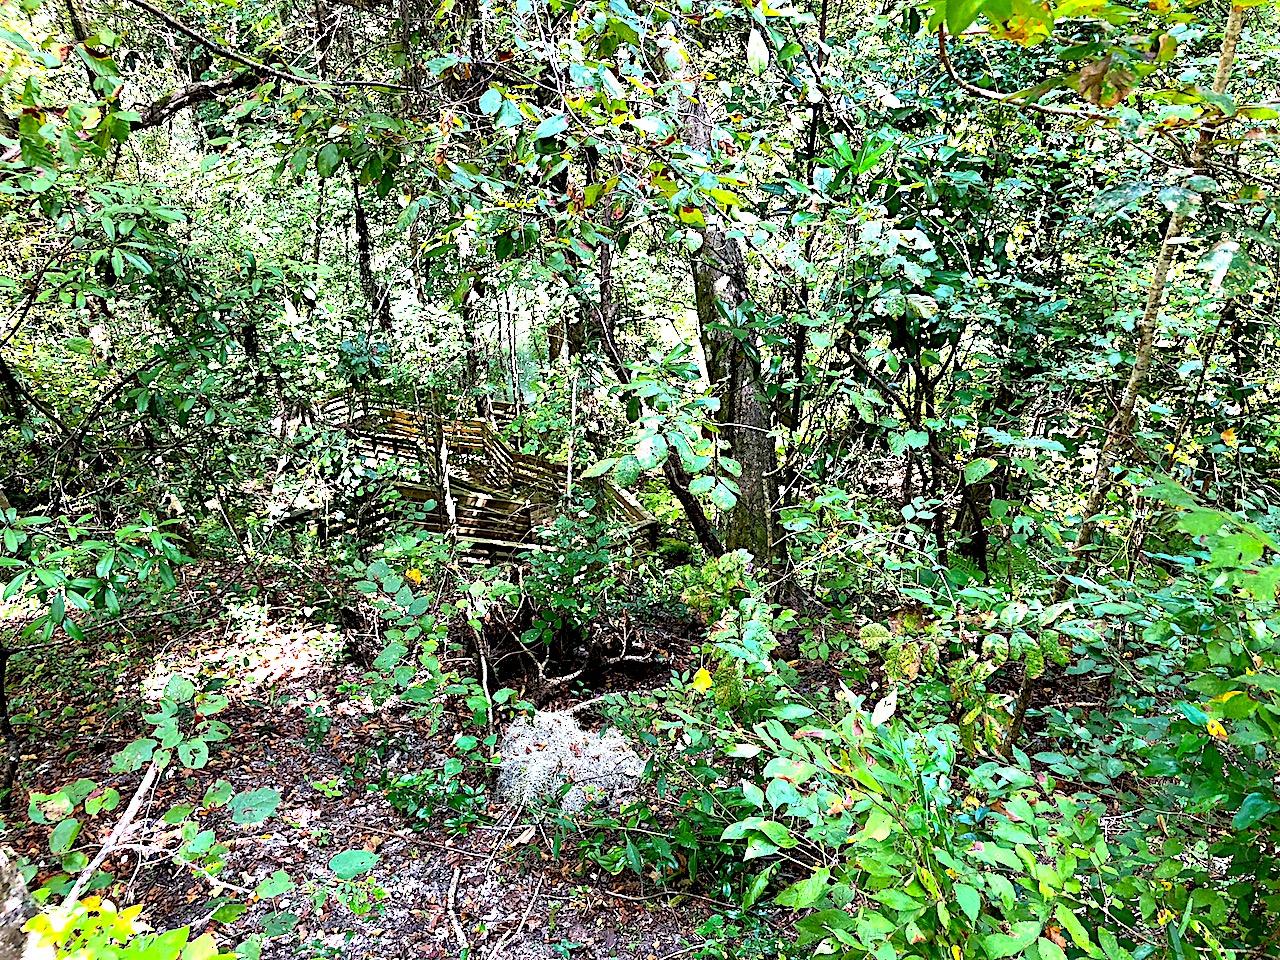 Devil's Millhopper State Park Boardwalk - 2-day itinerary for families in Gainesville, FL #gainesville #florida #tourofflorida #alachuacounty #gainesvilleFL #universityofflorida #UF #gogators #Gainesvillewithkids #gainesvilleitinerary